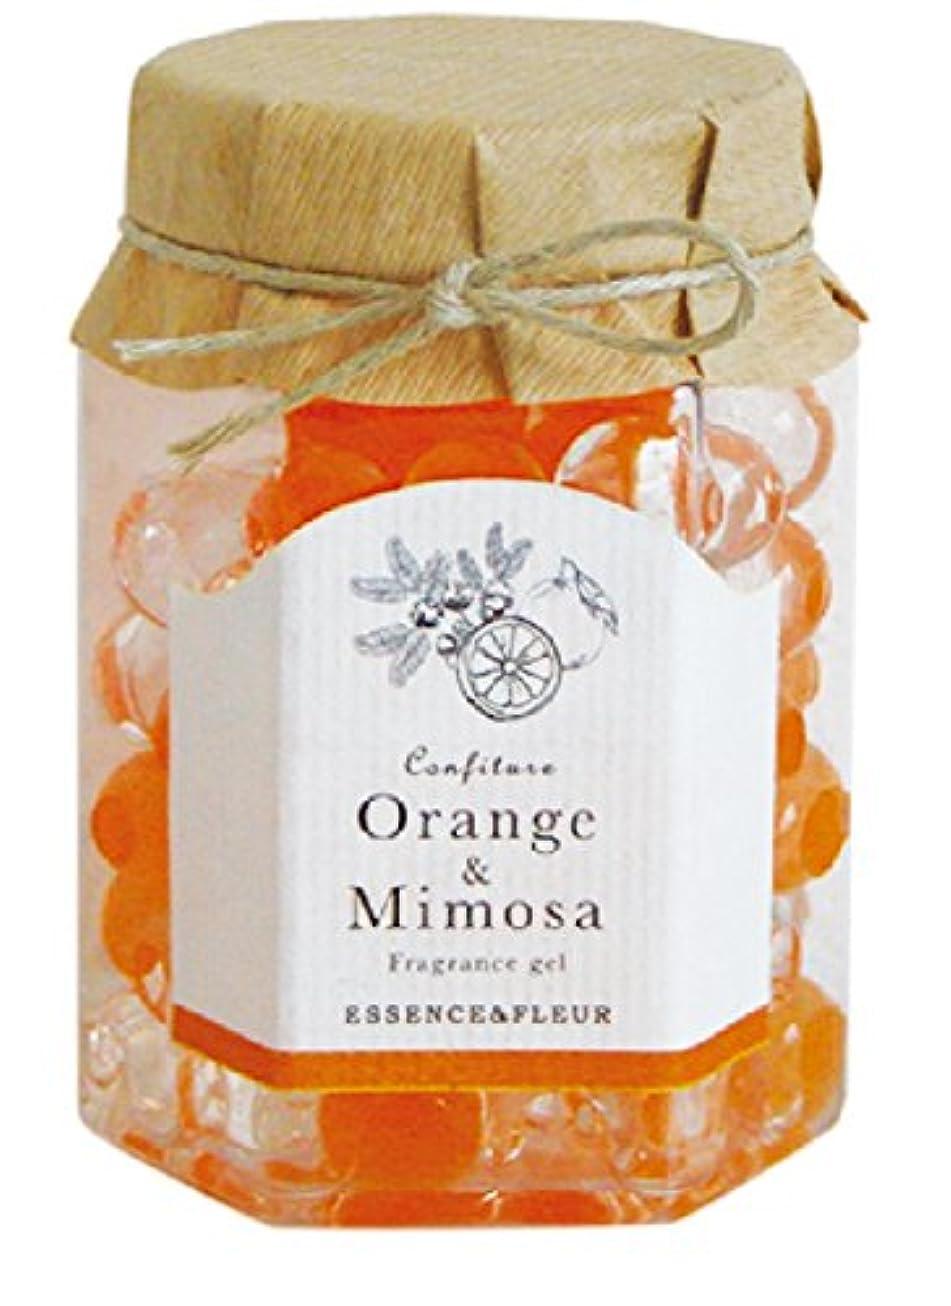 専門知識肝遅いコンフィチュール フレグランスジェル オレンジアンドミモザ